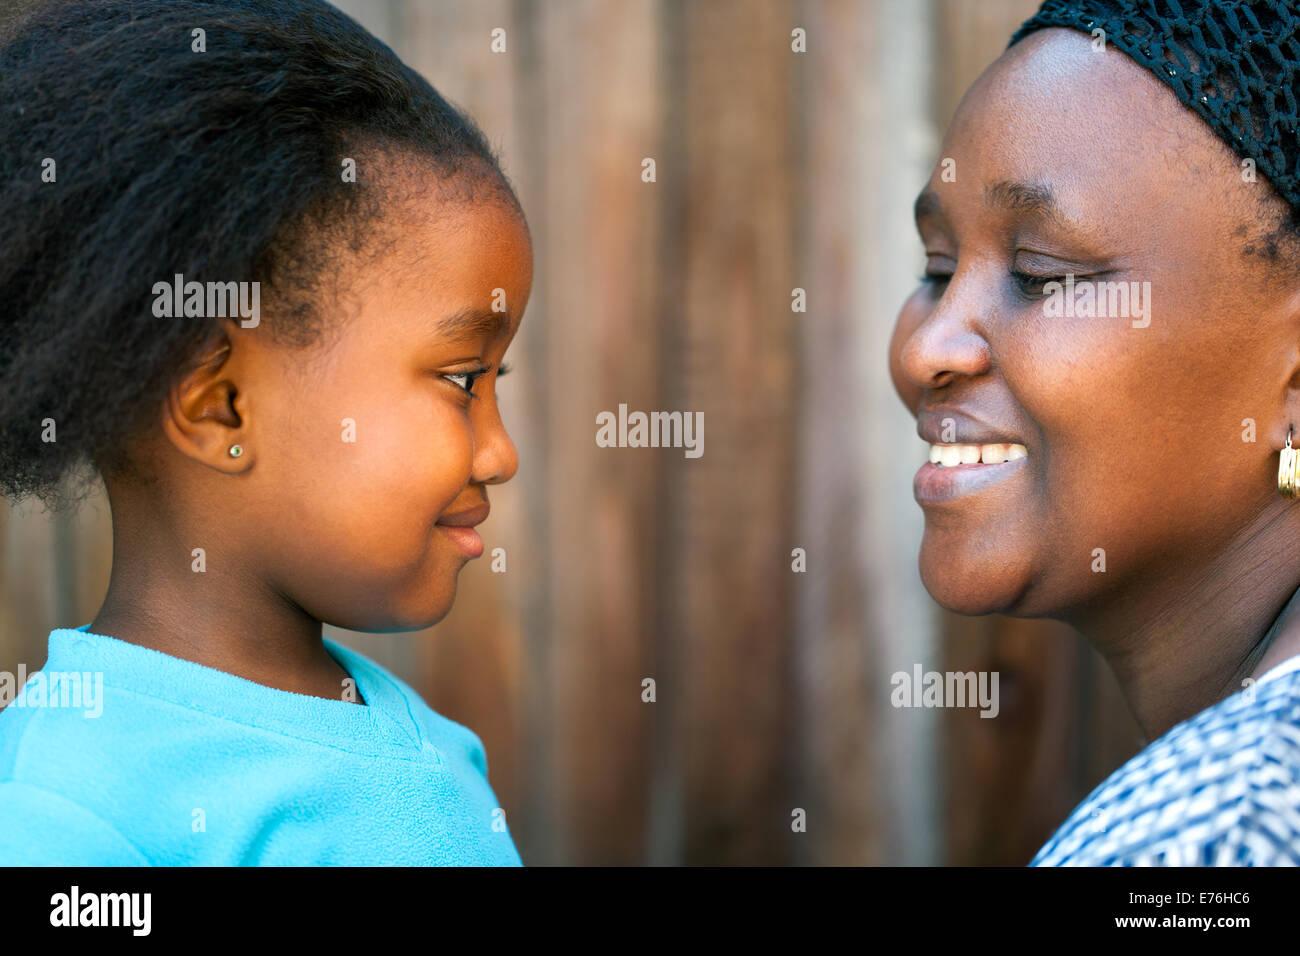 Close Up retrato de madre e hija africana mirando el uno al otro. Imagen De Stock